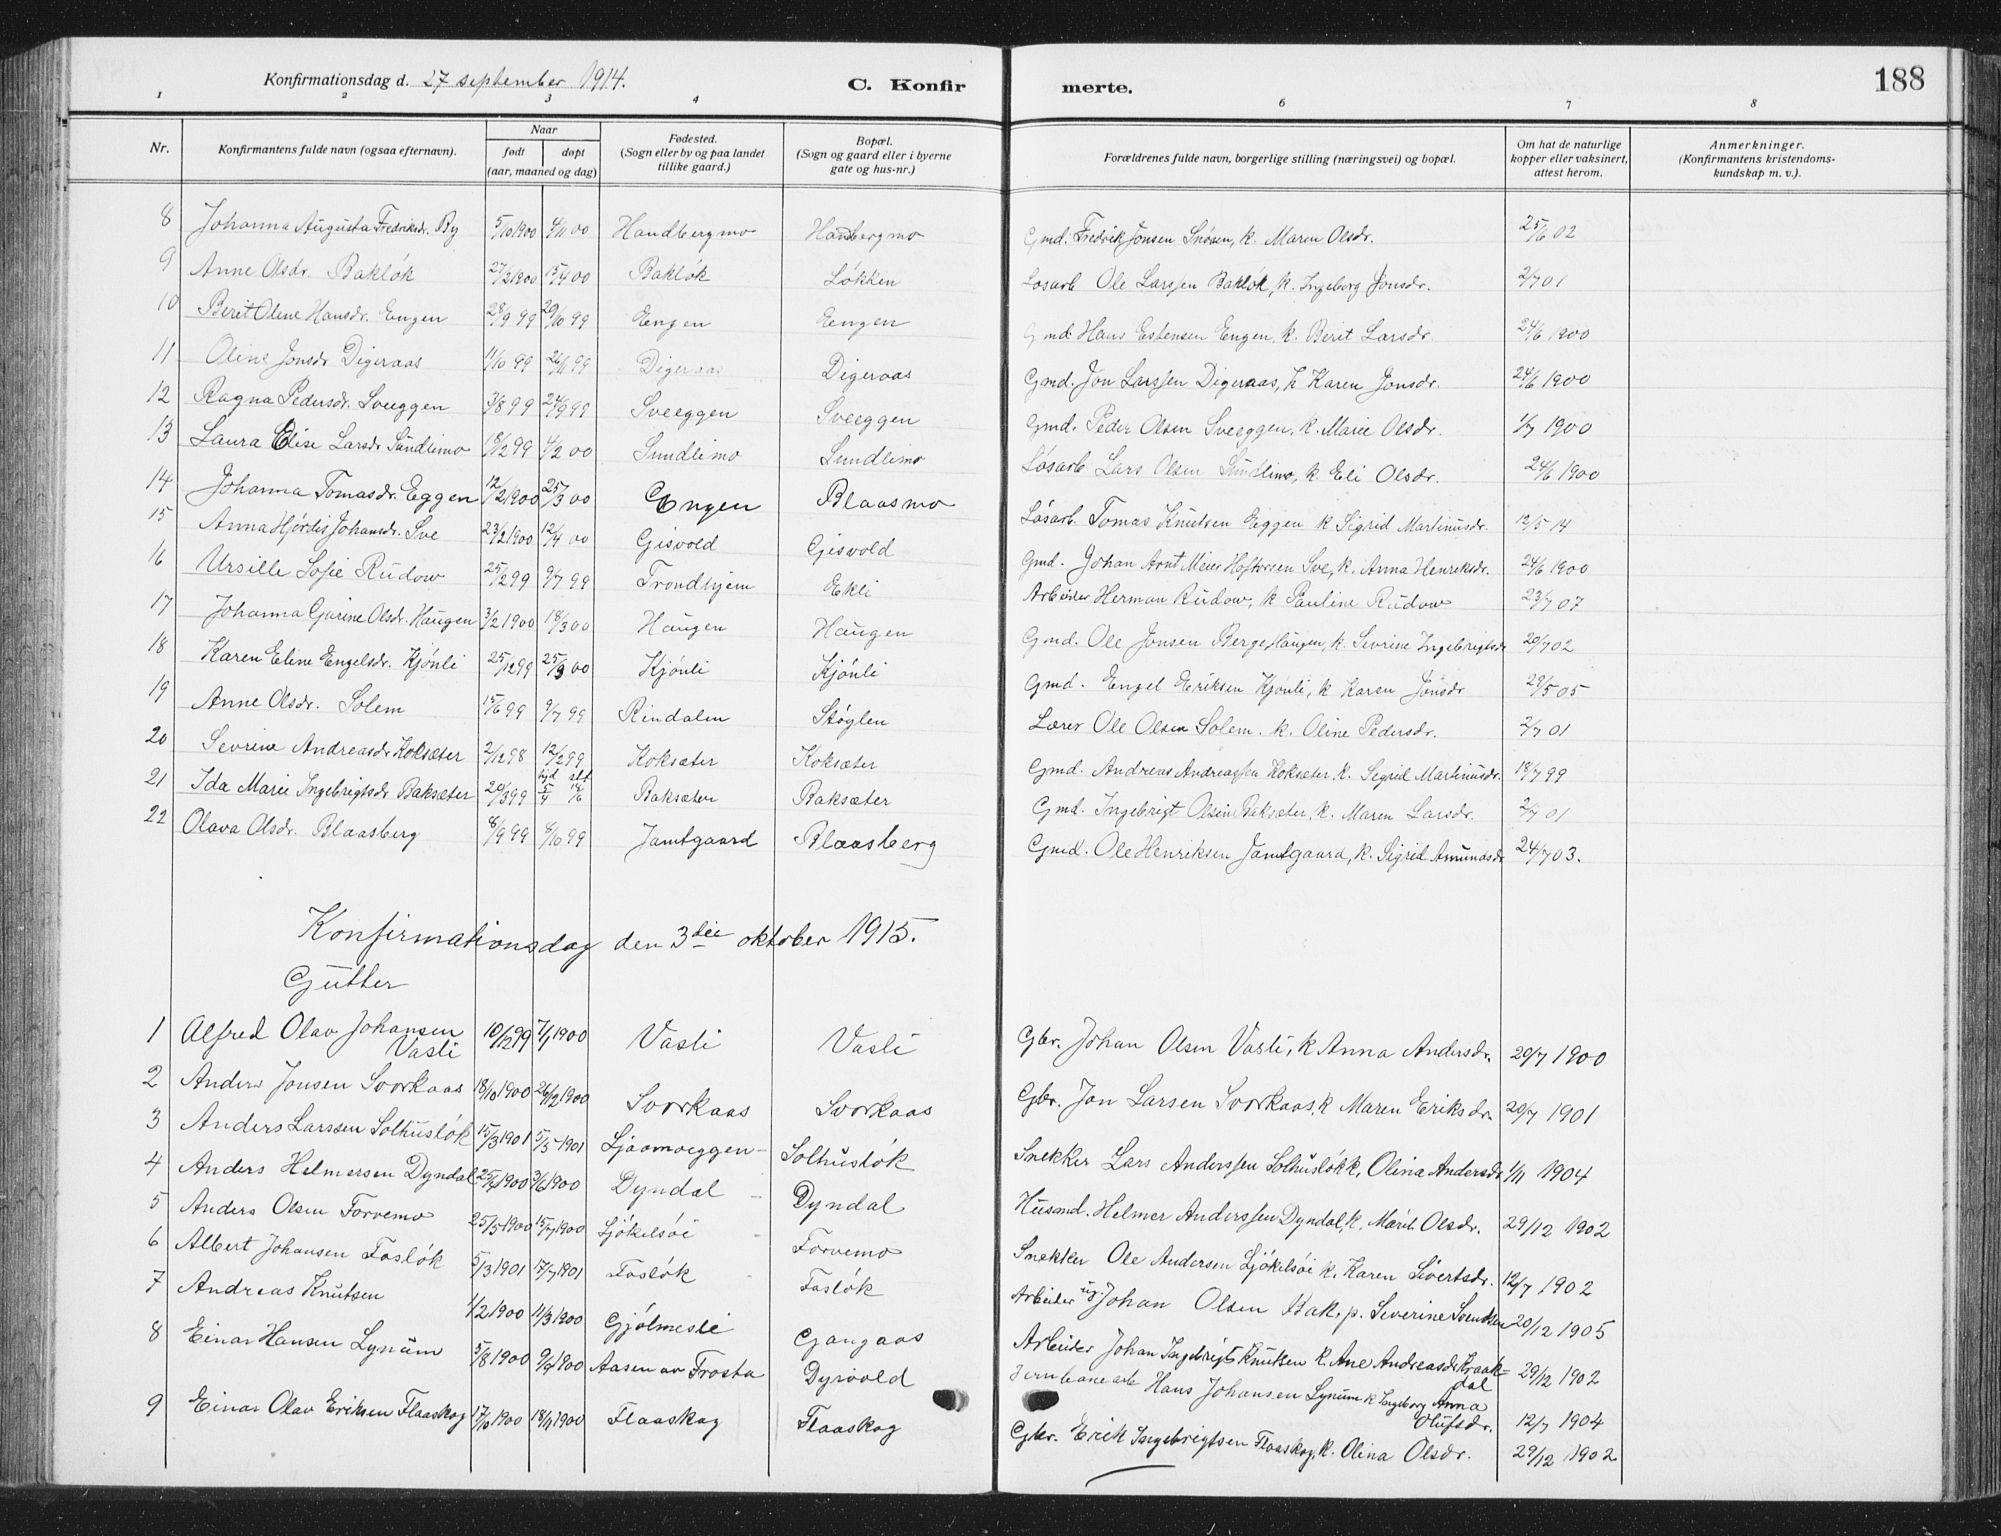 SAT, Ministerialprotokoller, klokkerbøker og fødselsregistre - Sør-Trøndelag, 668/L0820: Klokkerbok nr. 668C09, 1912-1936, s. 188